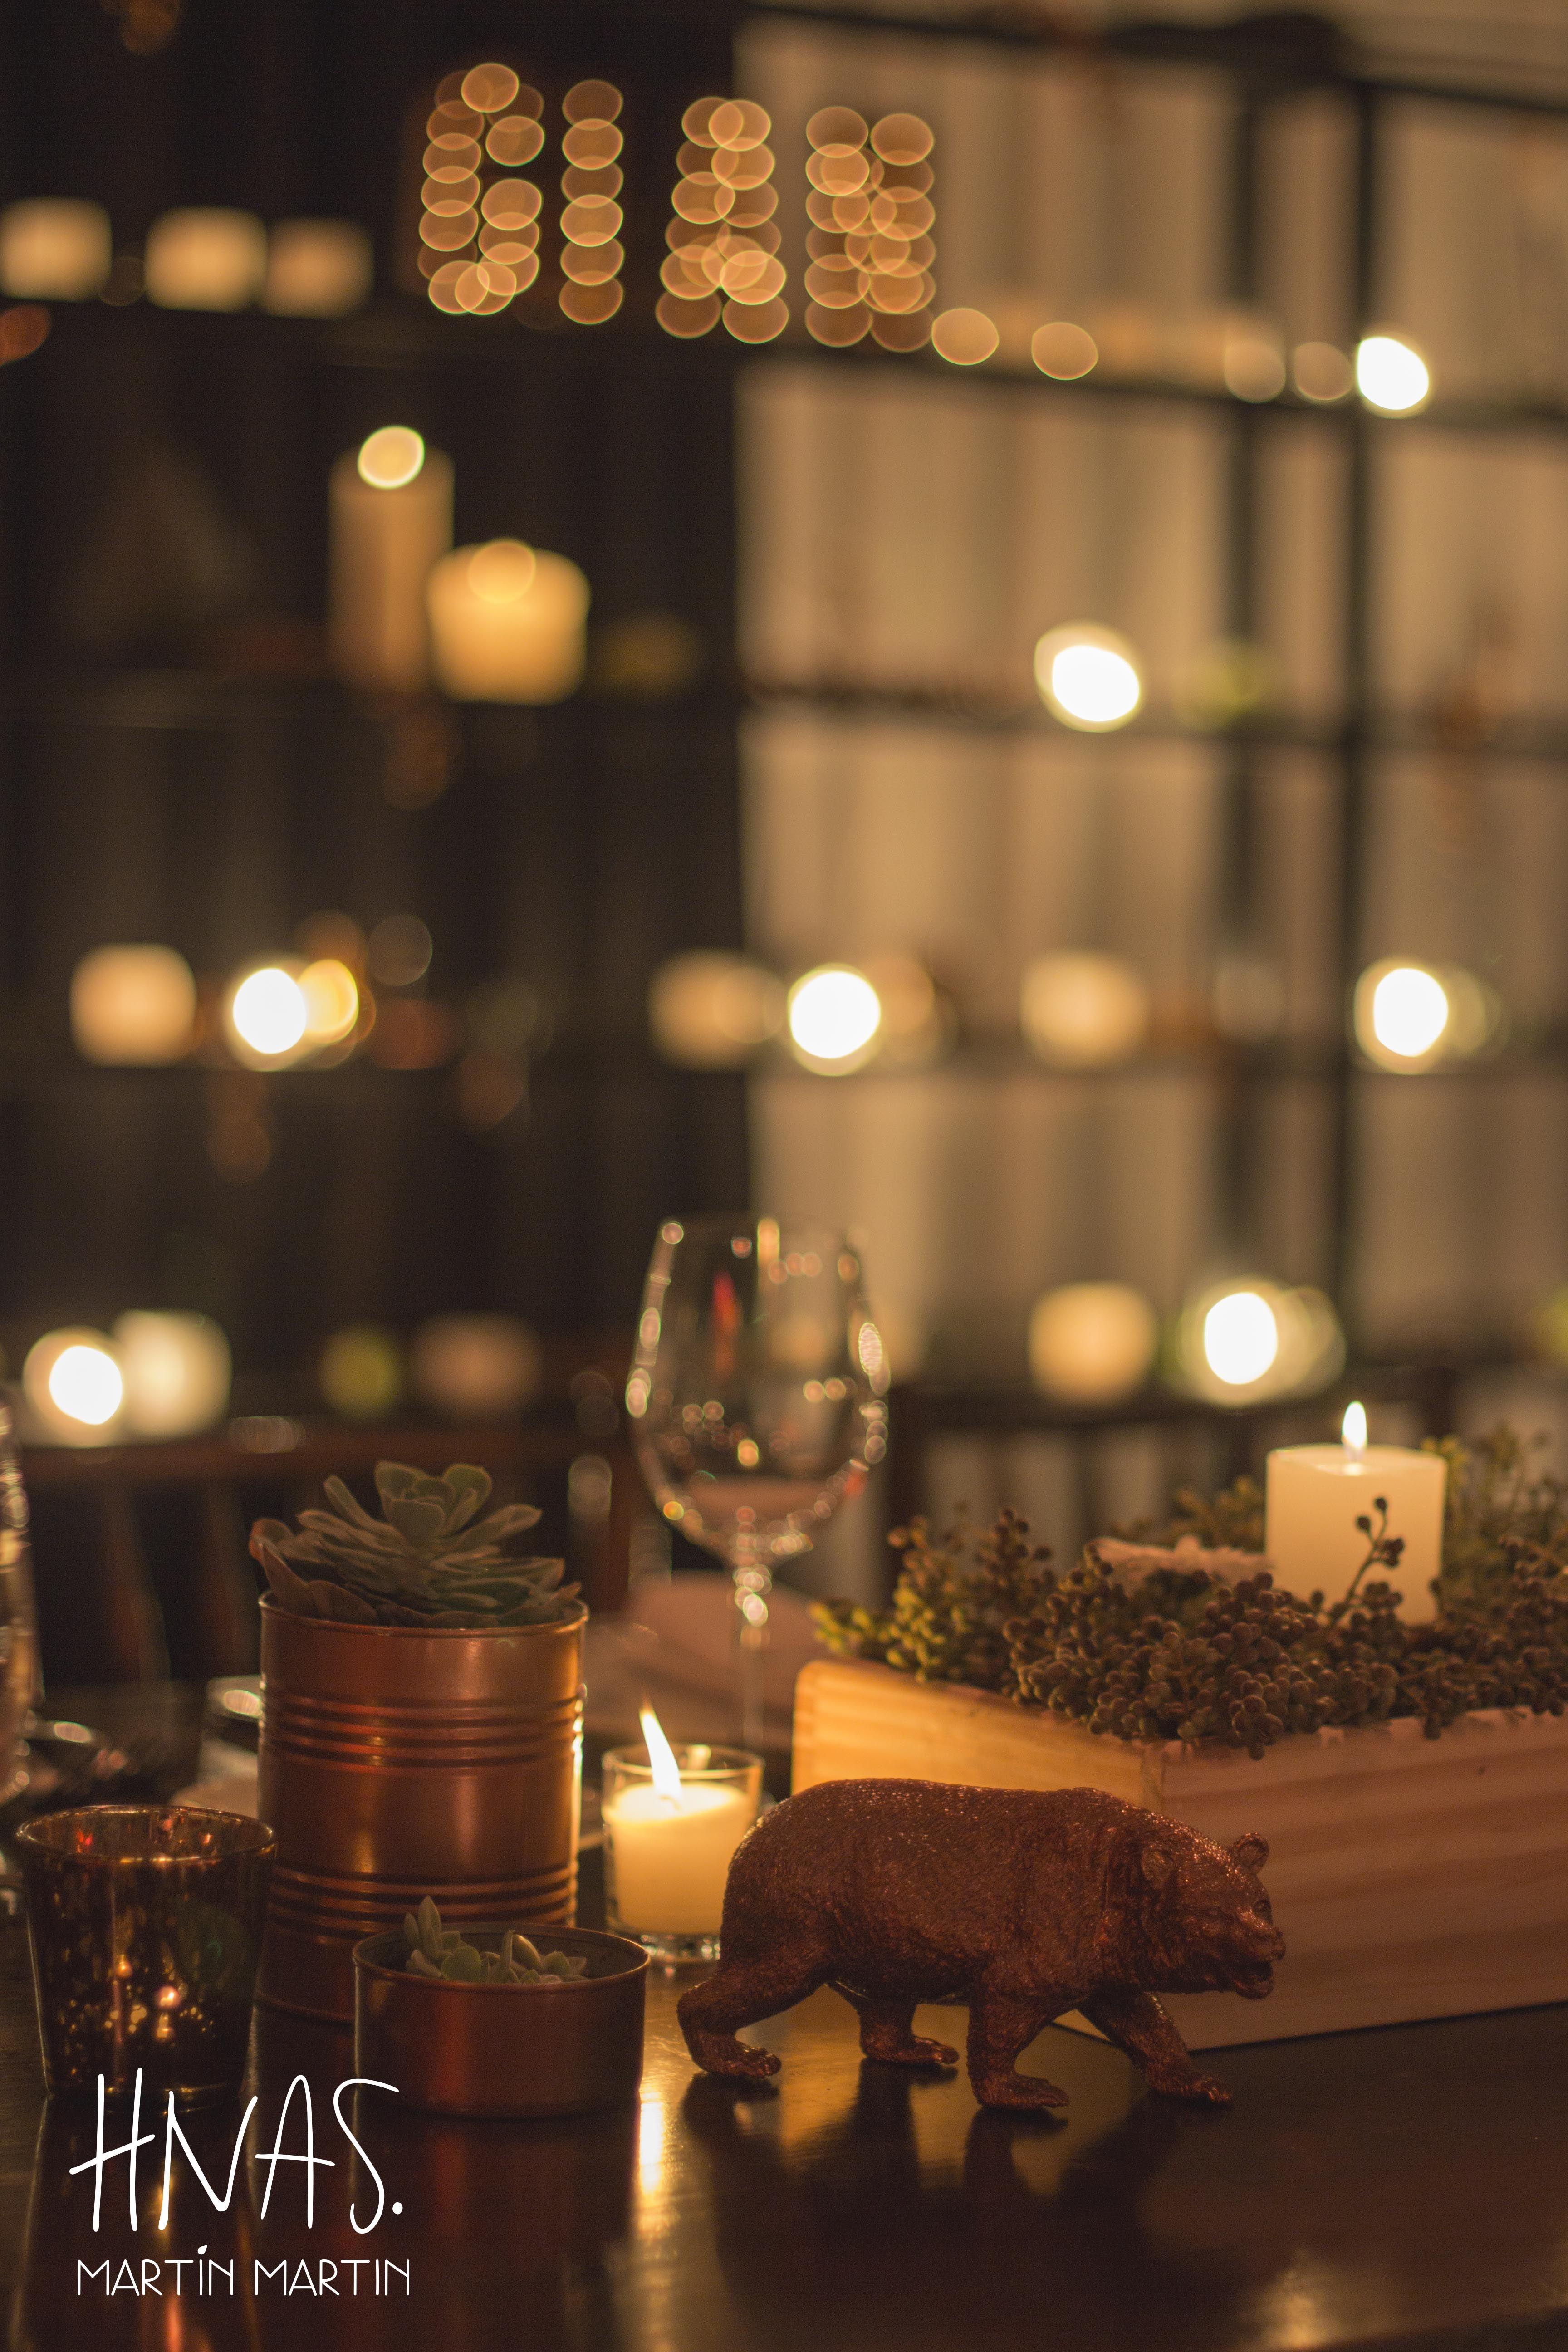 bar mitzvah, ambientación, cumpleaños de varón, celebración judía, decor, birthday boy, Jewish celebration, guirnalda de luces luces, mesa principal, mesa de madera, wood table